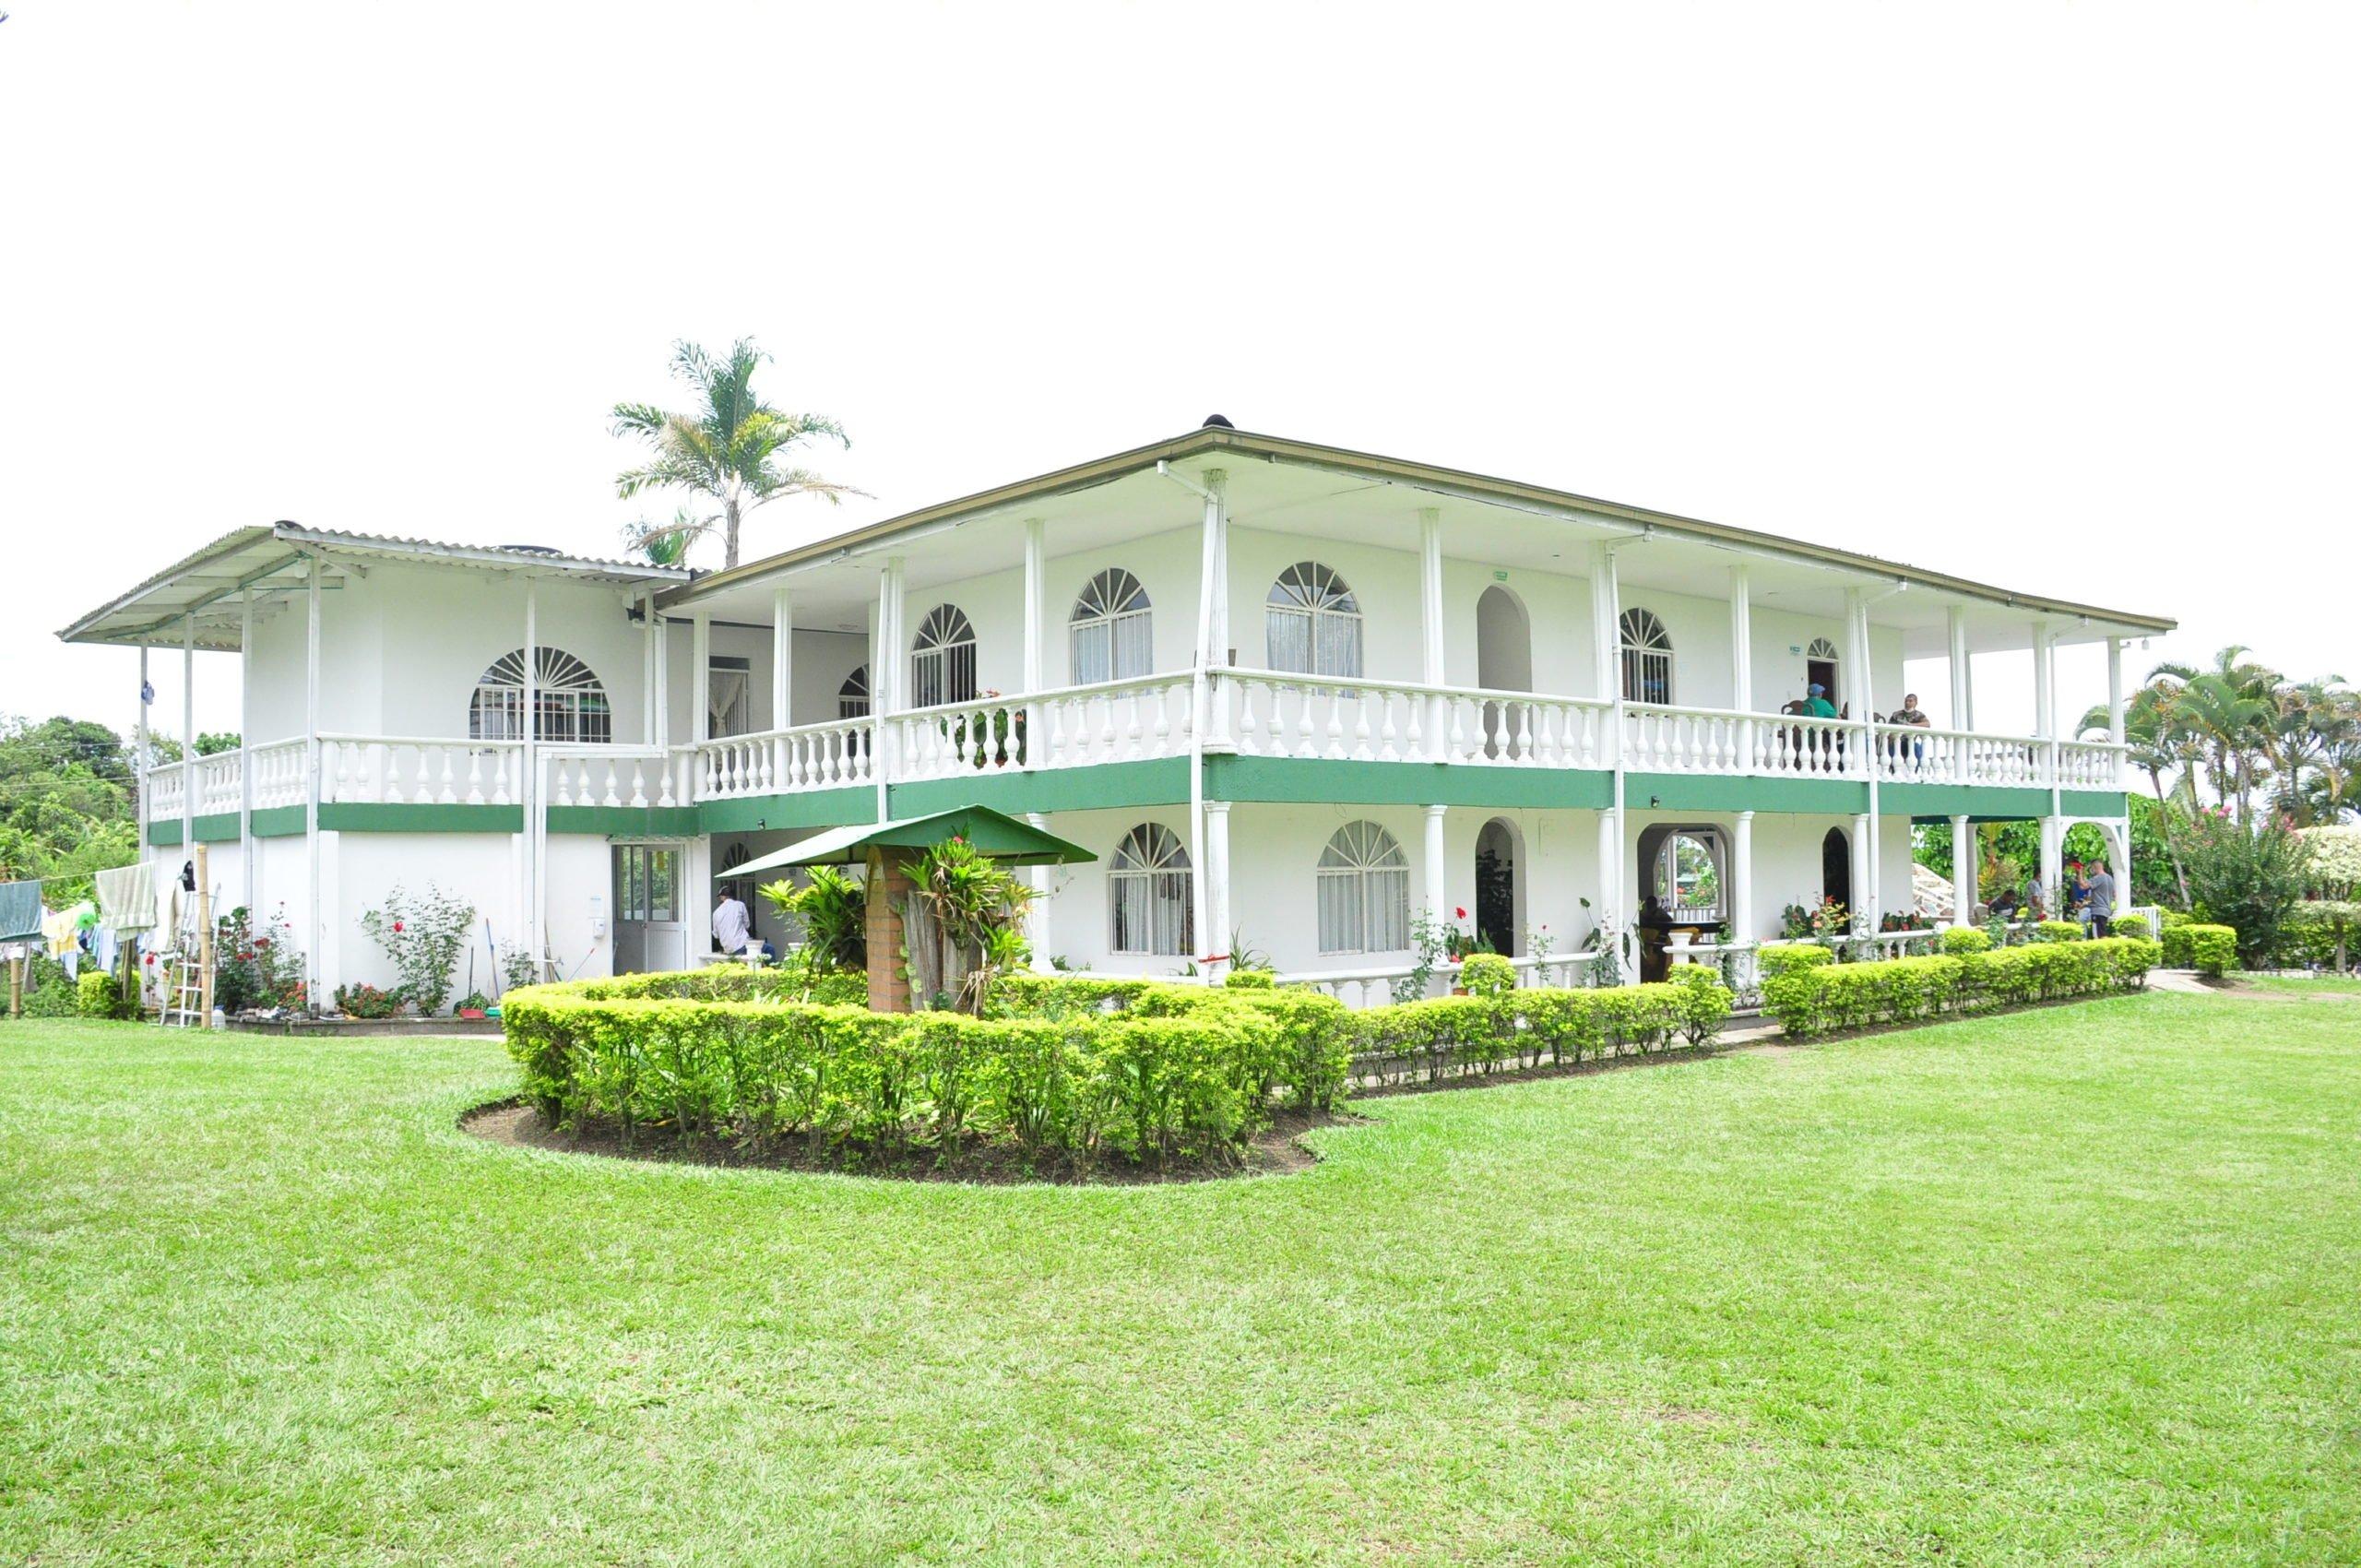 Granja Villa Esmeralda de Pereira, un nuevo renacer para habitantes de calle